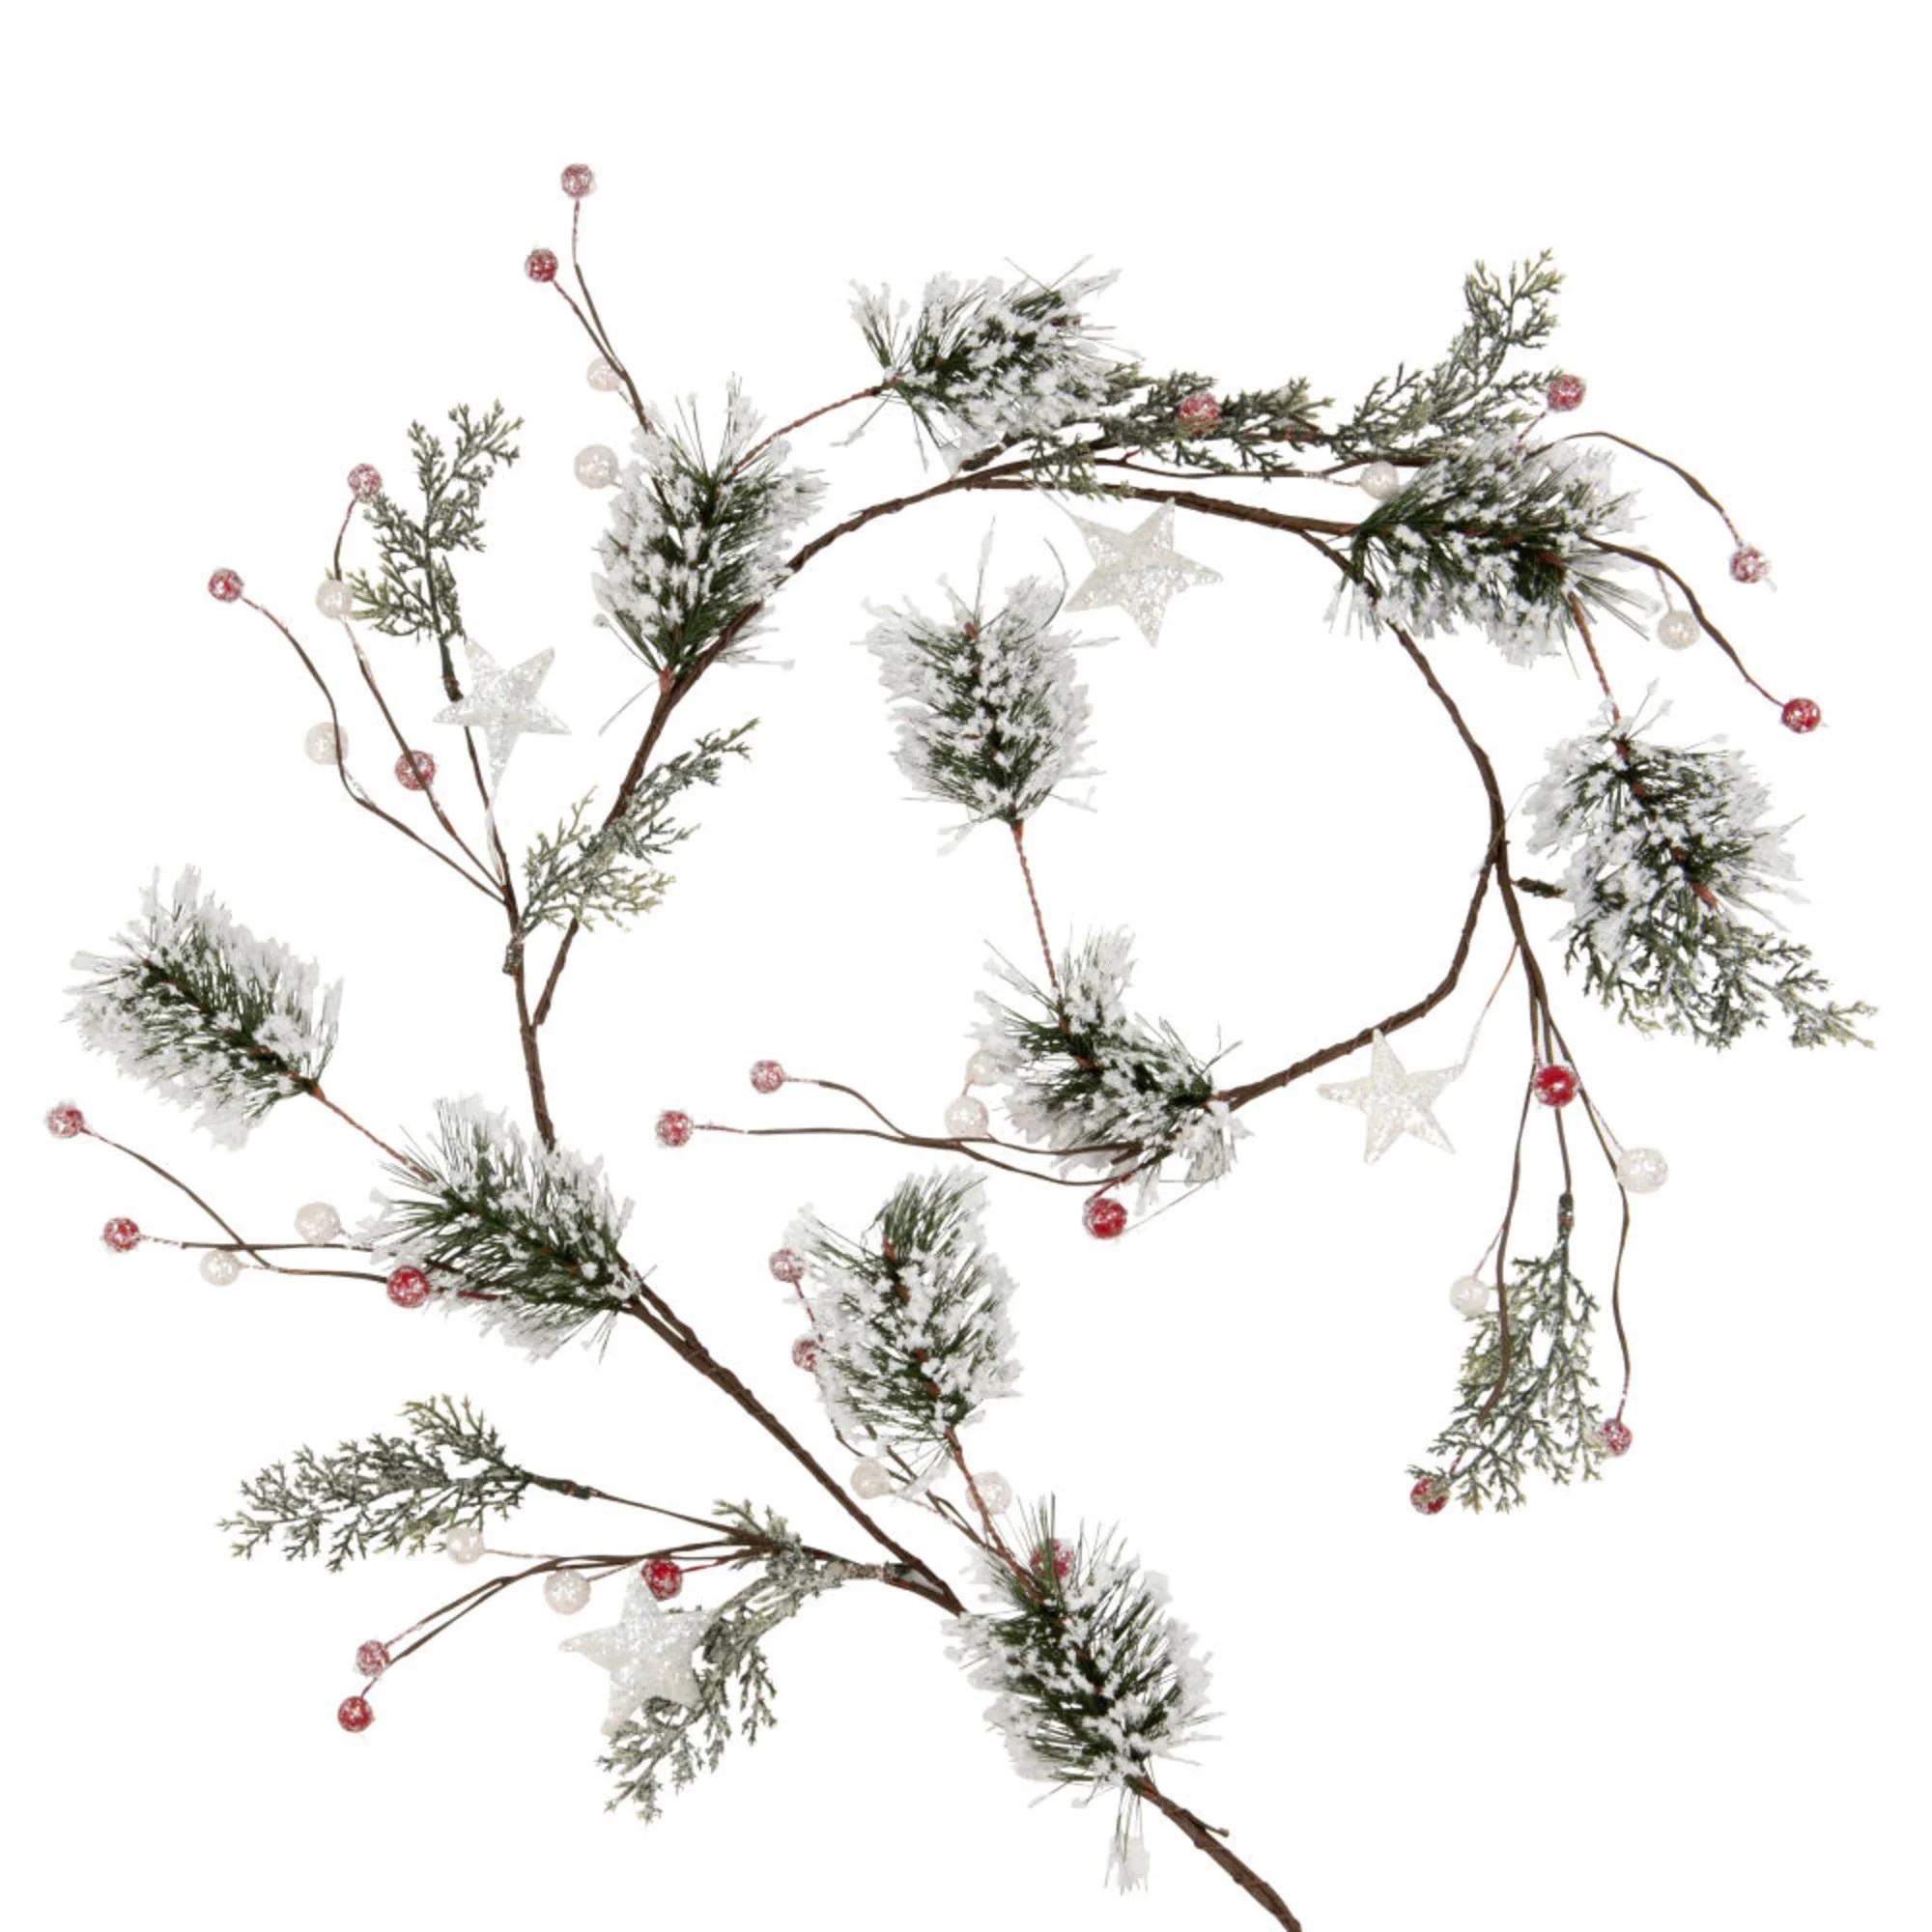 Guirnalda de con ramas de pino y bayas nevadas